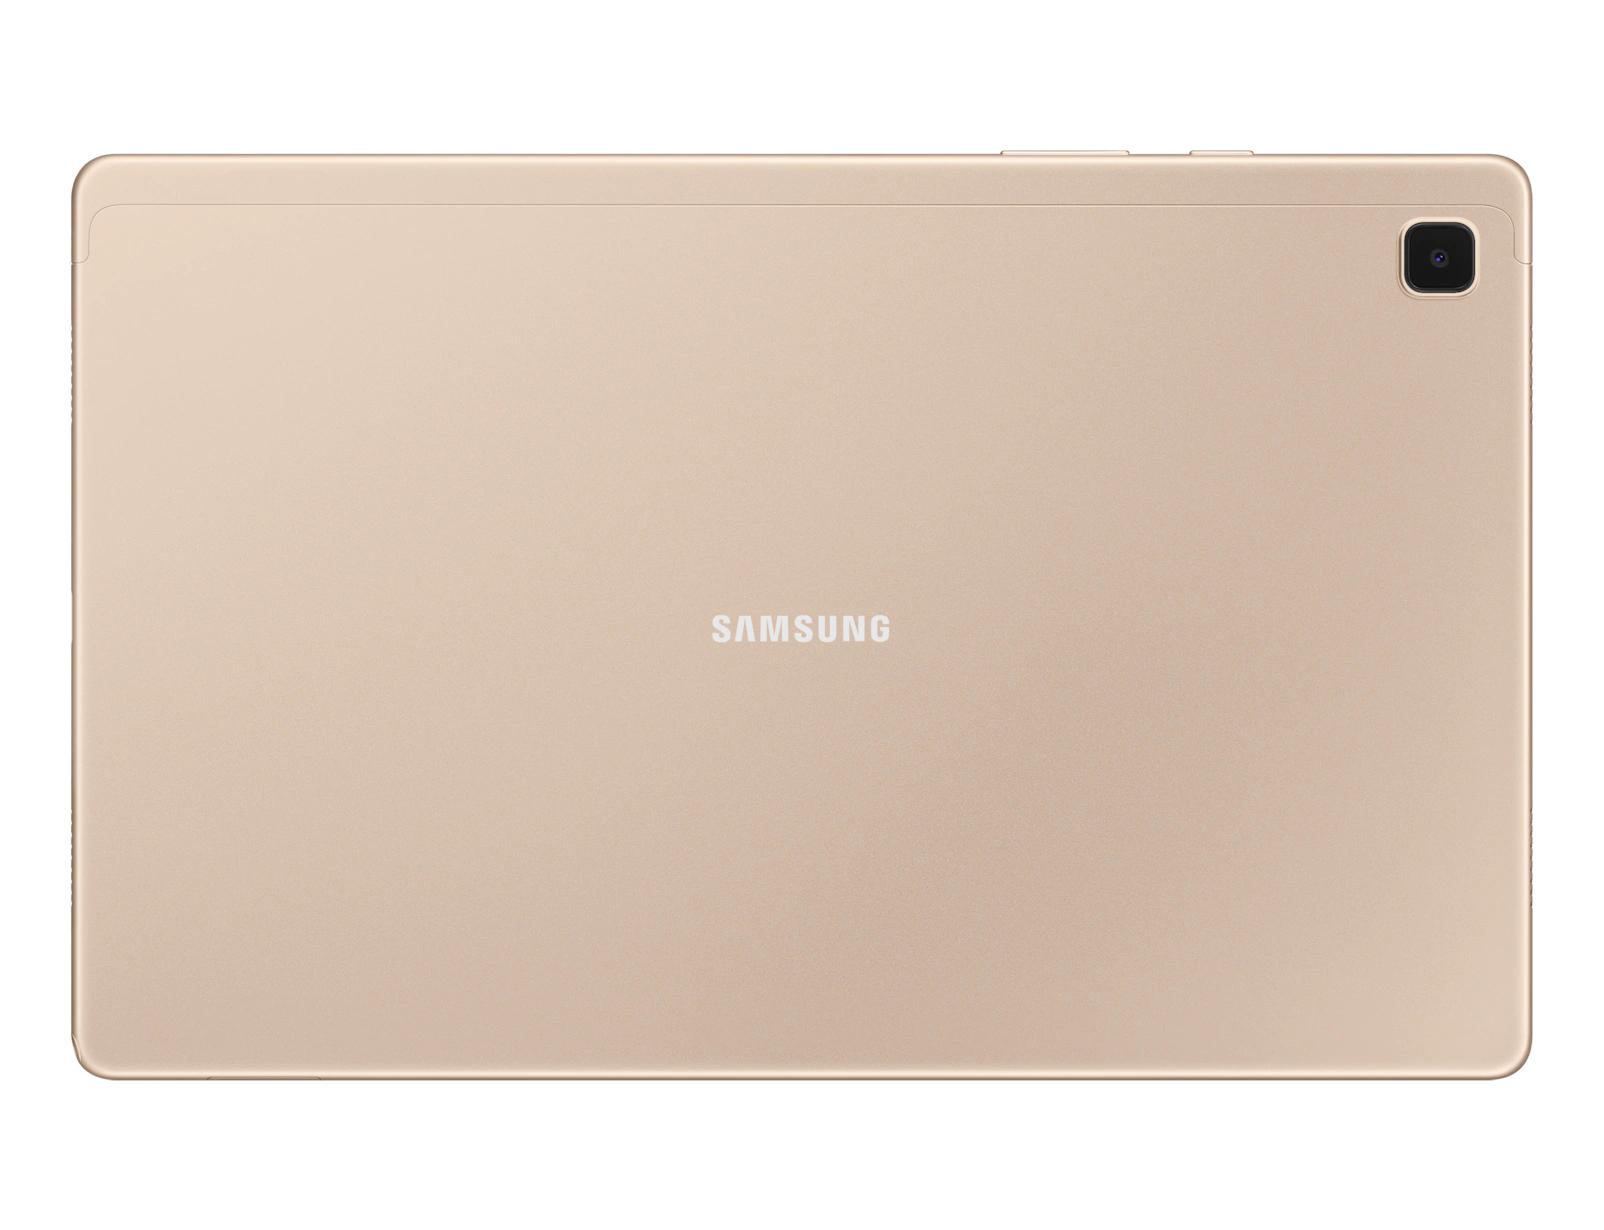 Samsung Galaxy Tab A7(SM-T505) 64GB GOLD - 4